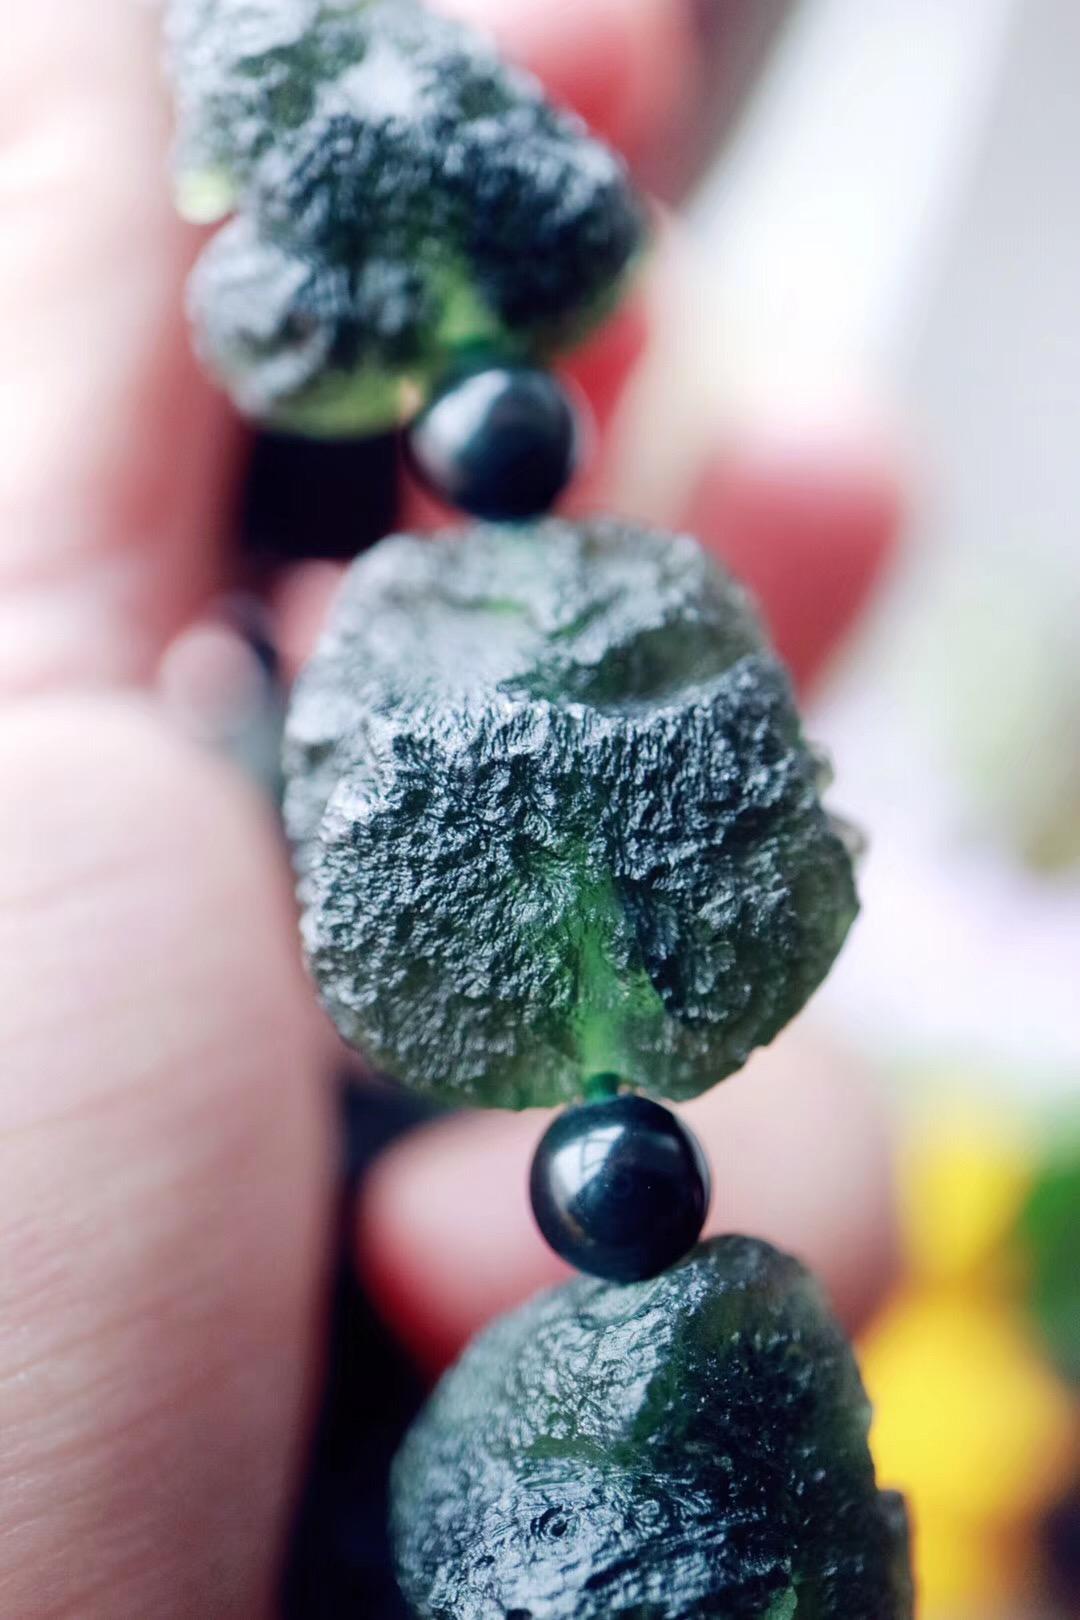 【菩心 | 捷克陨石】捷克原石穿成的手链,能量原始纯正-菩心晶舍